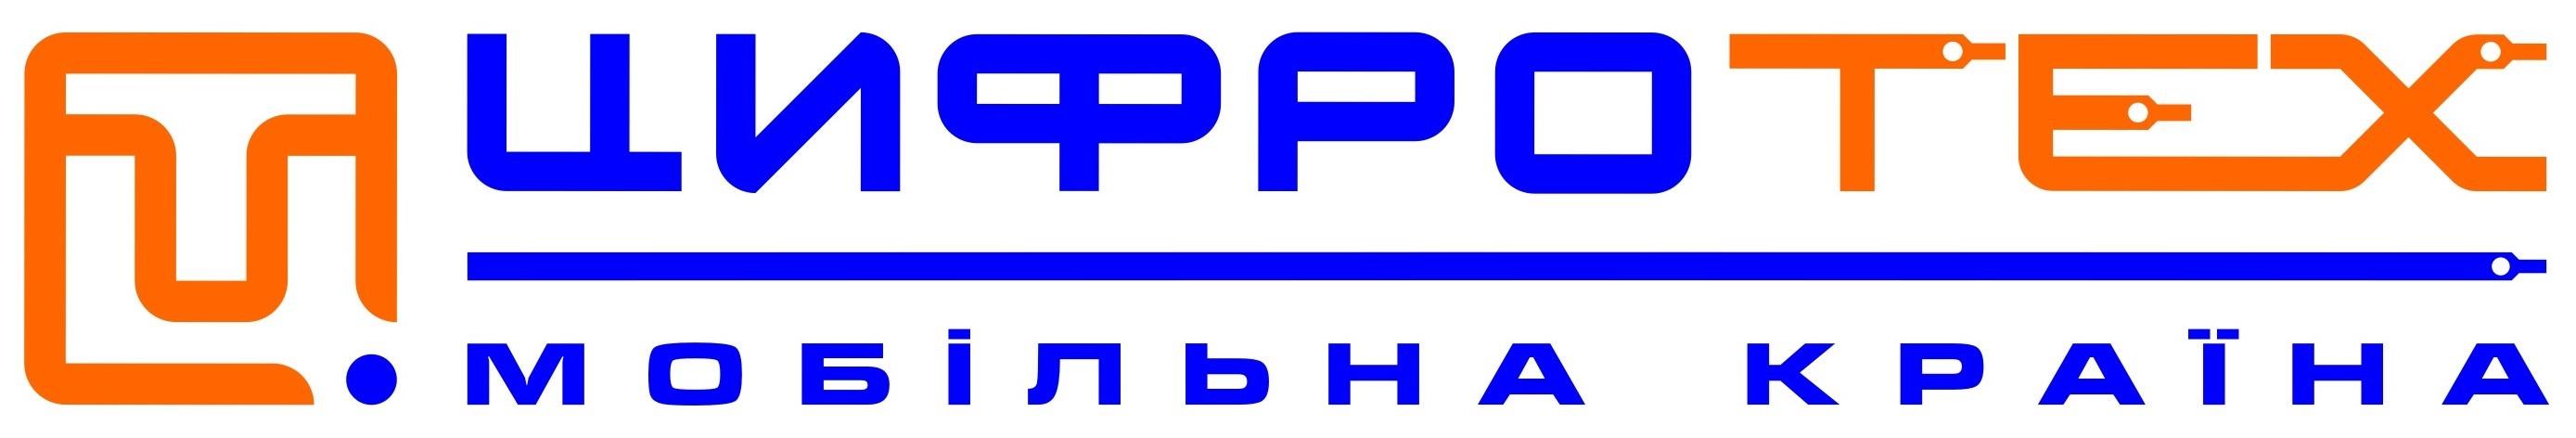 Всі знижки Чорної пятниці 2018 у Кропивницькому 14-11-2018 - Афіша ... 0178d1e1f24d8